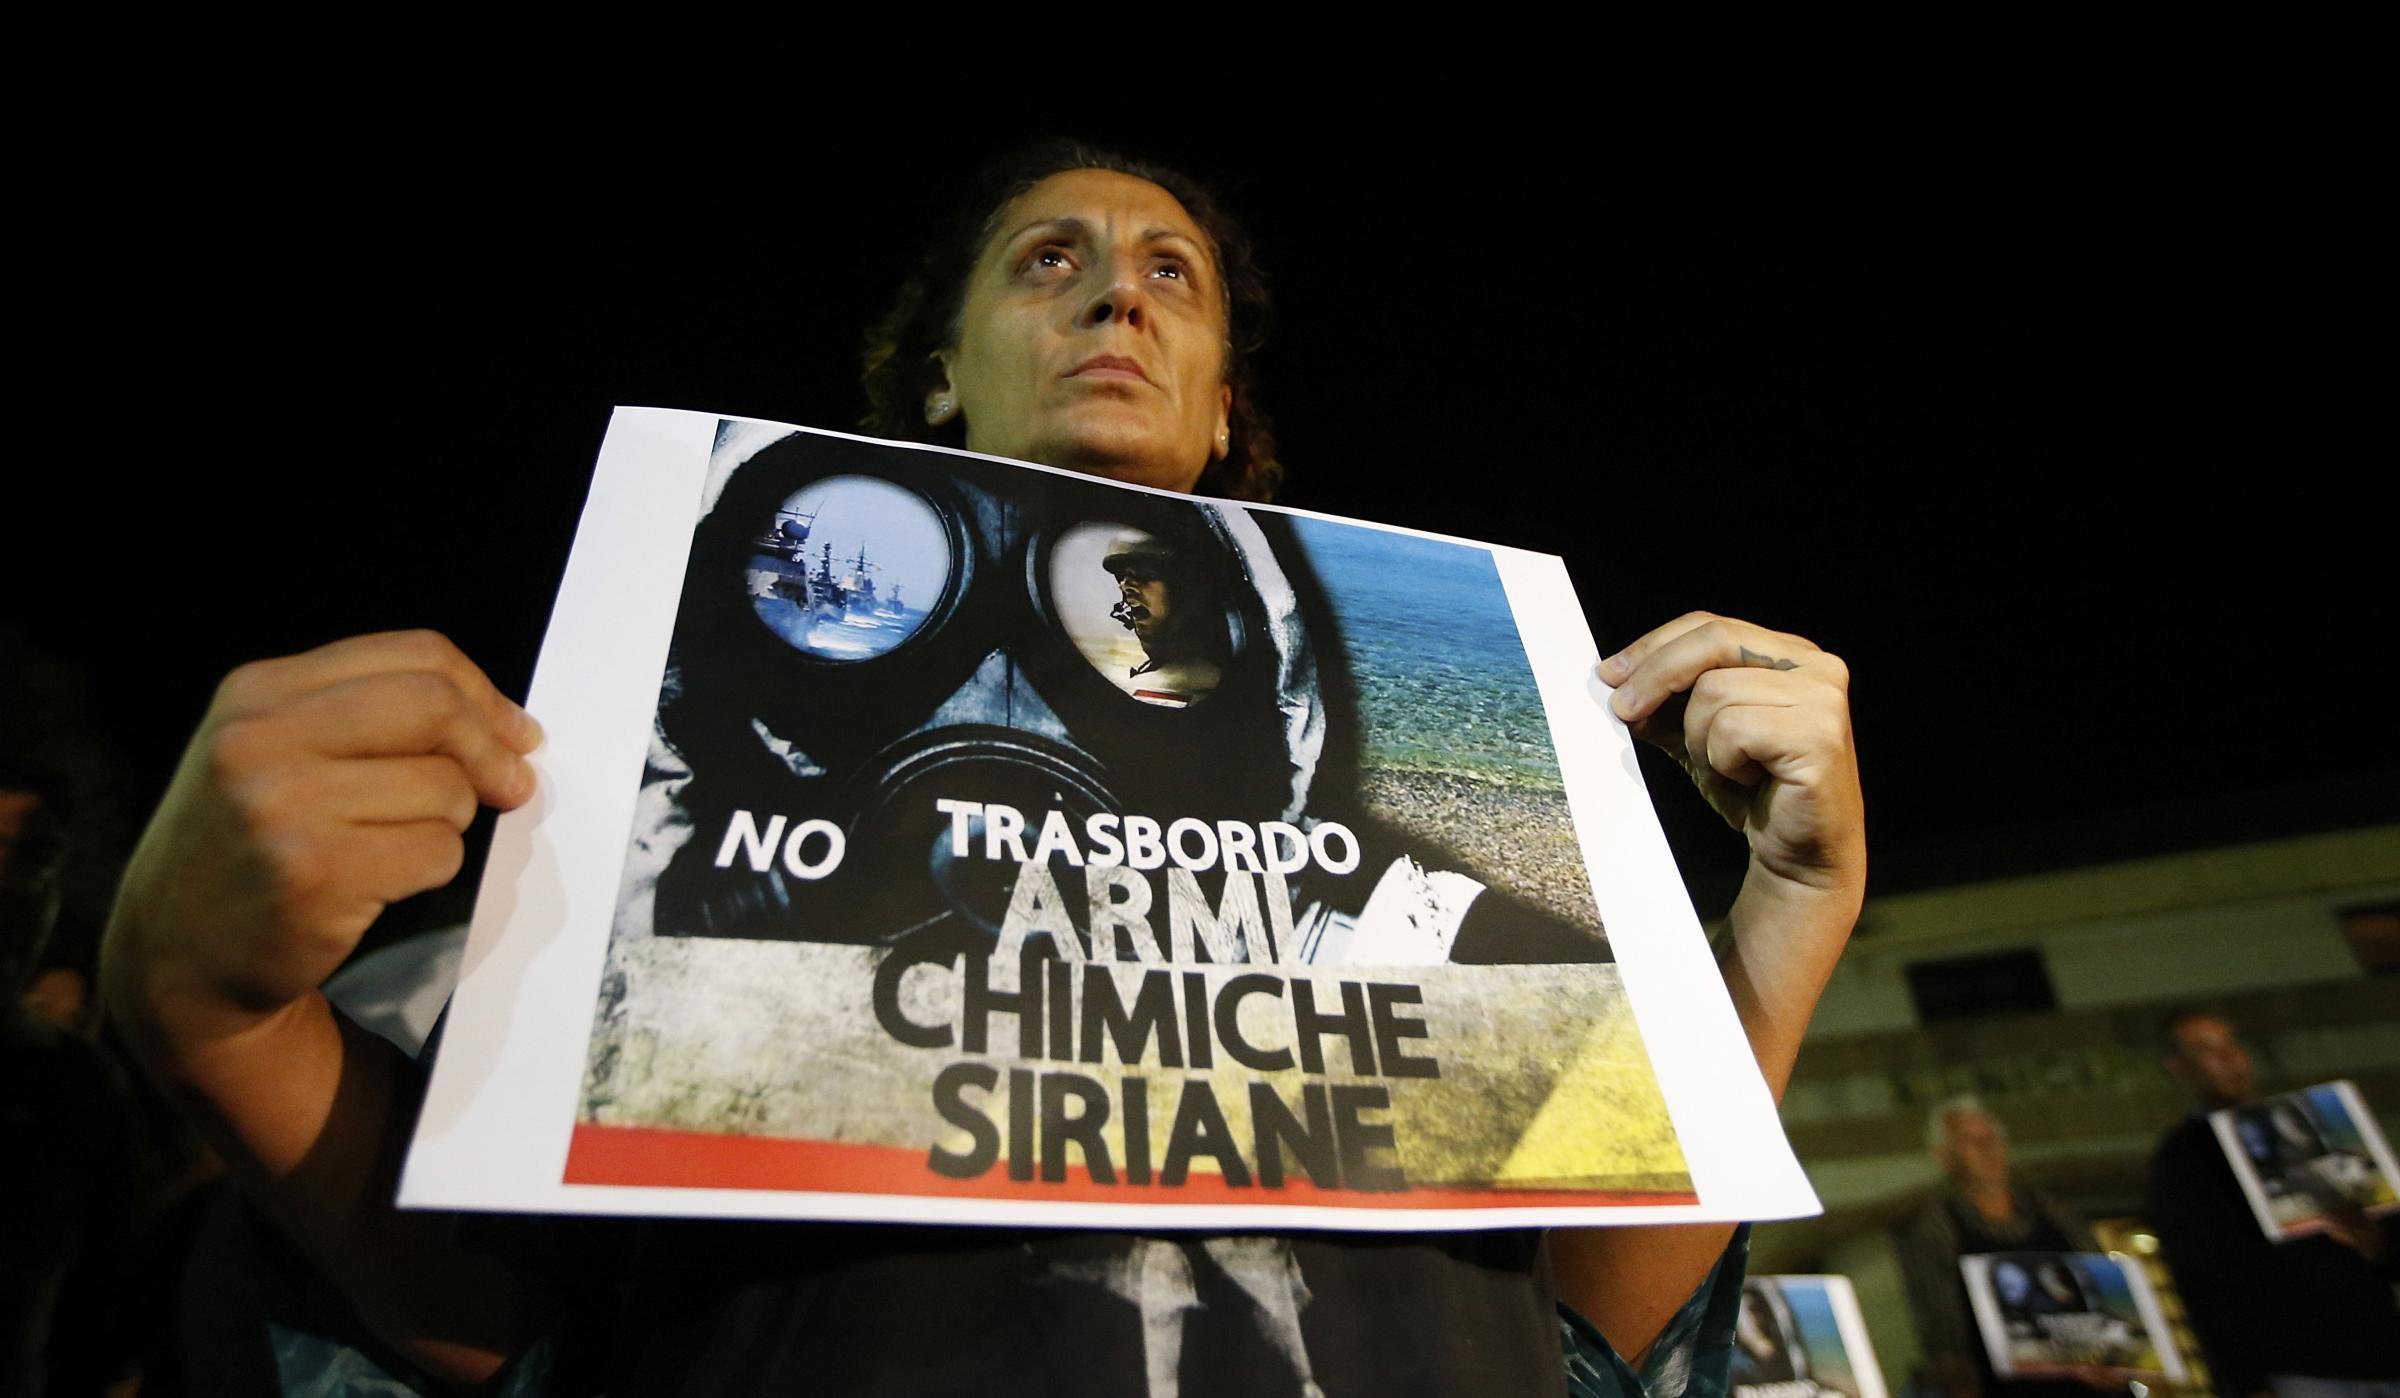 1 luglio 2014. Flash mob di attivisti contro il trasporto di armi chimiche siriane nel porto mediterraneo di Gioia Tauro